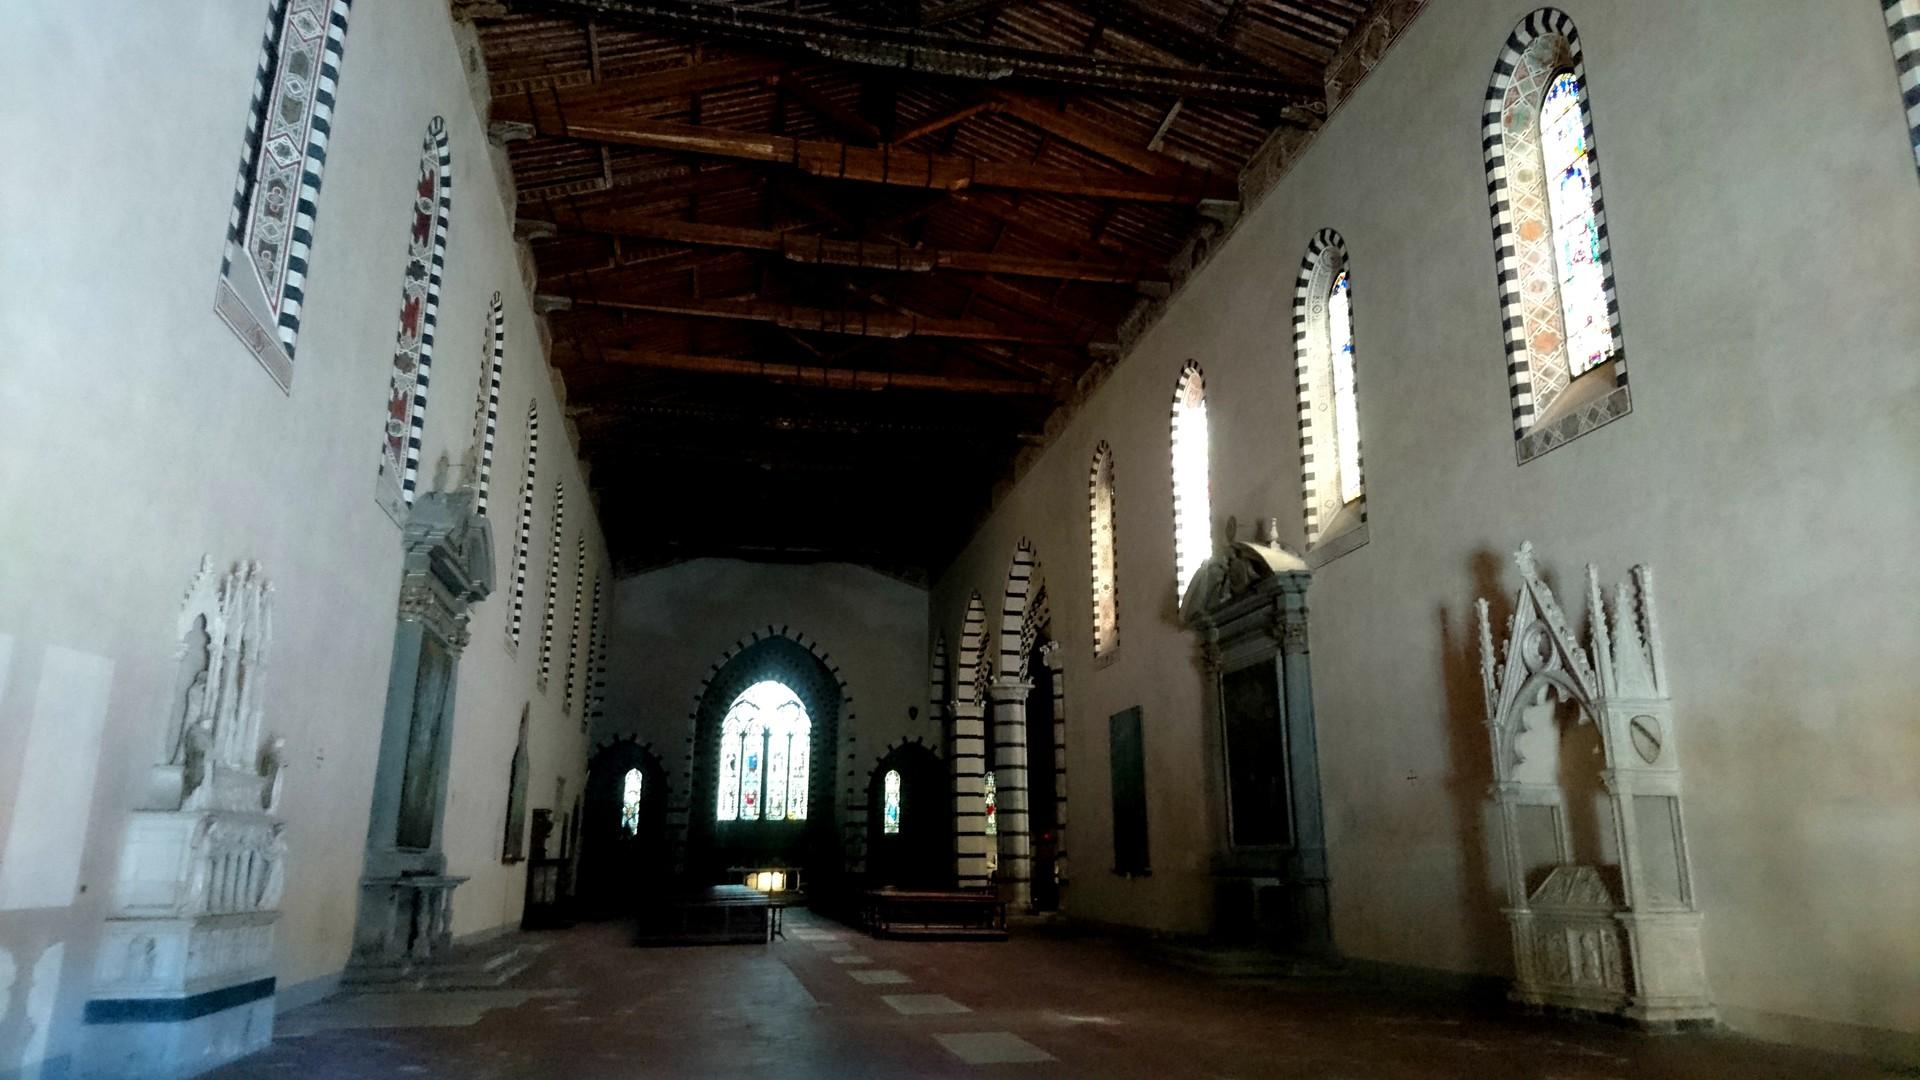 churches-beauty-cd44ab49c799825ea197faec